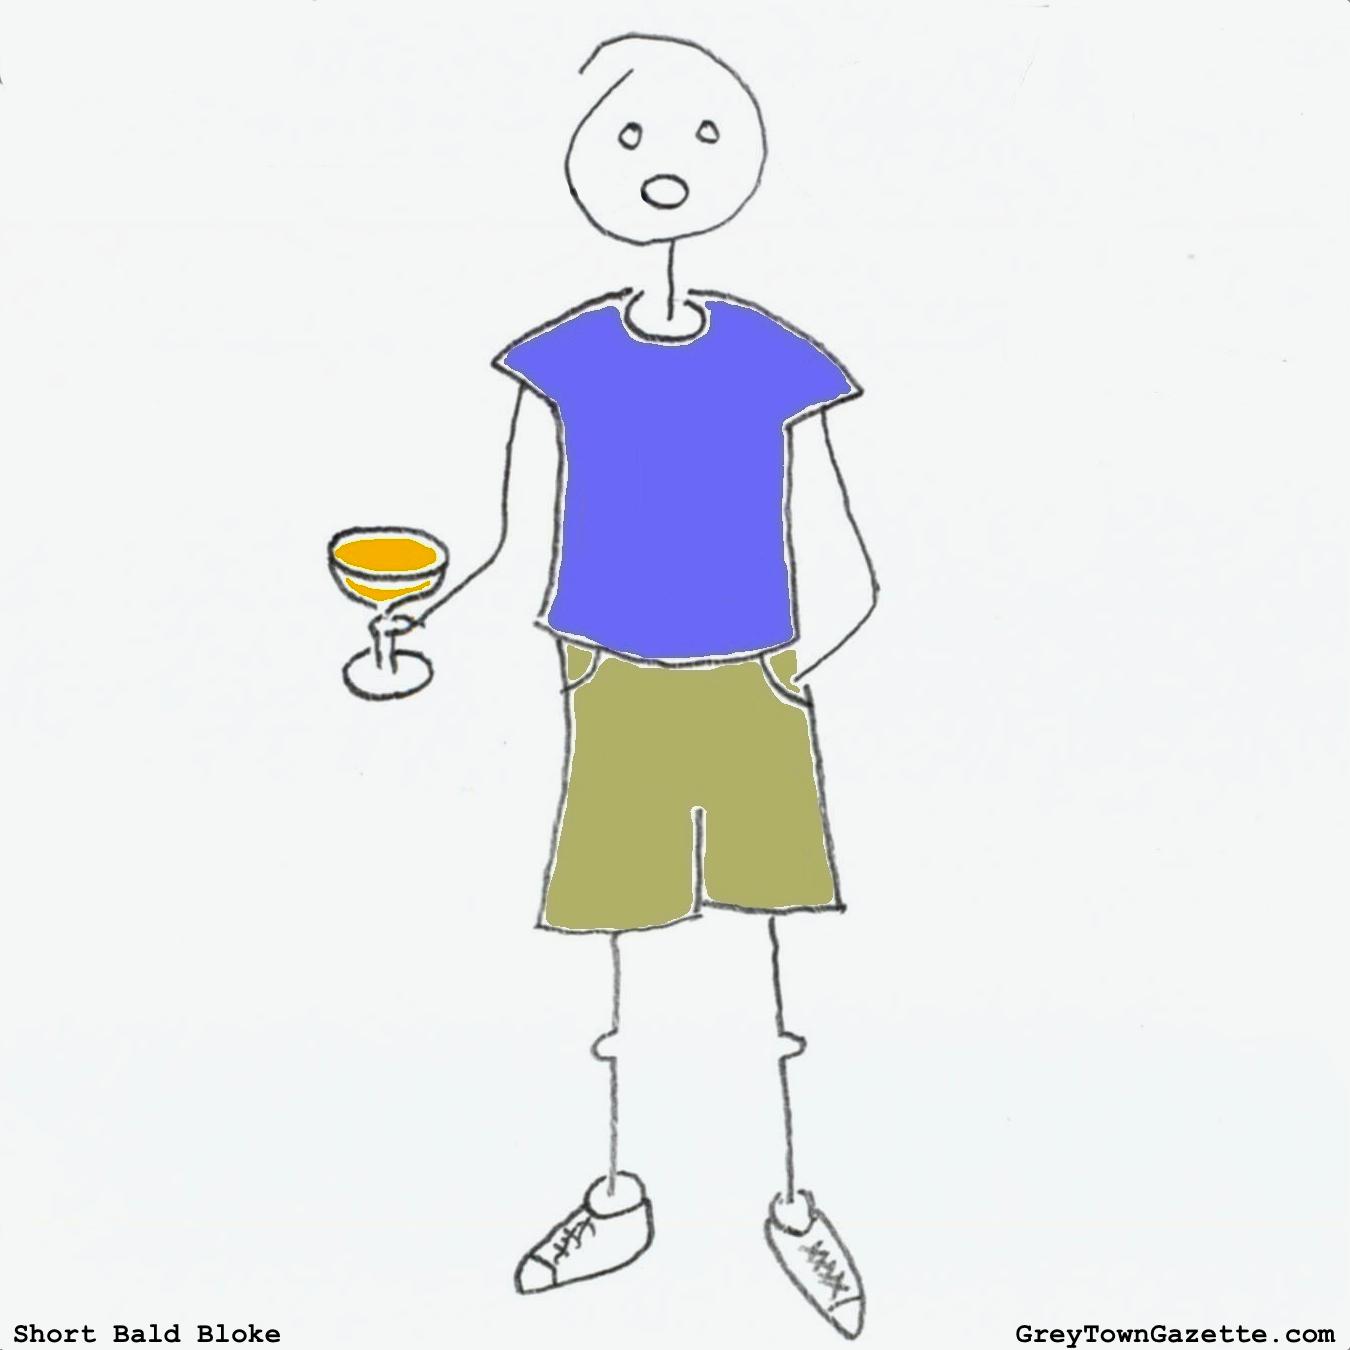 Short Bald Bloke